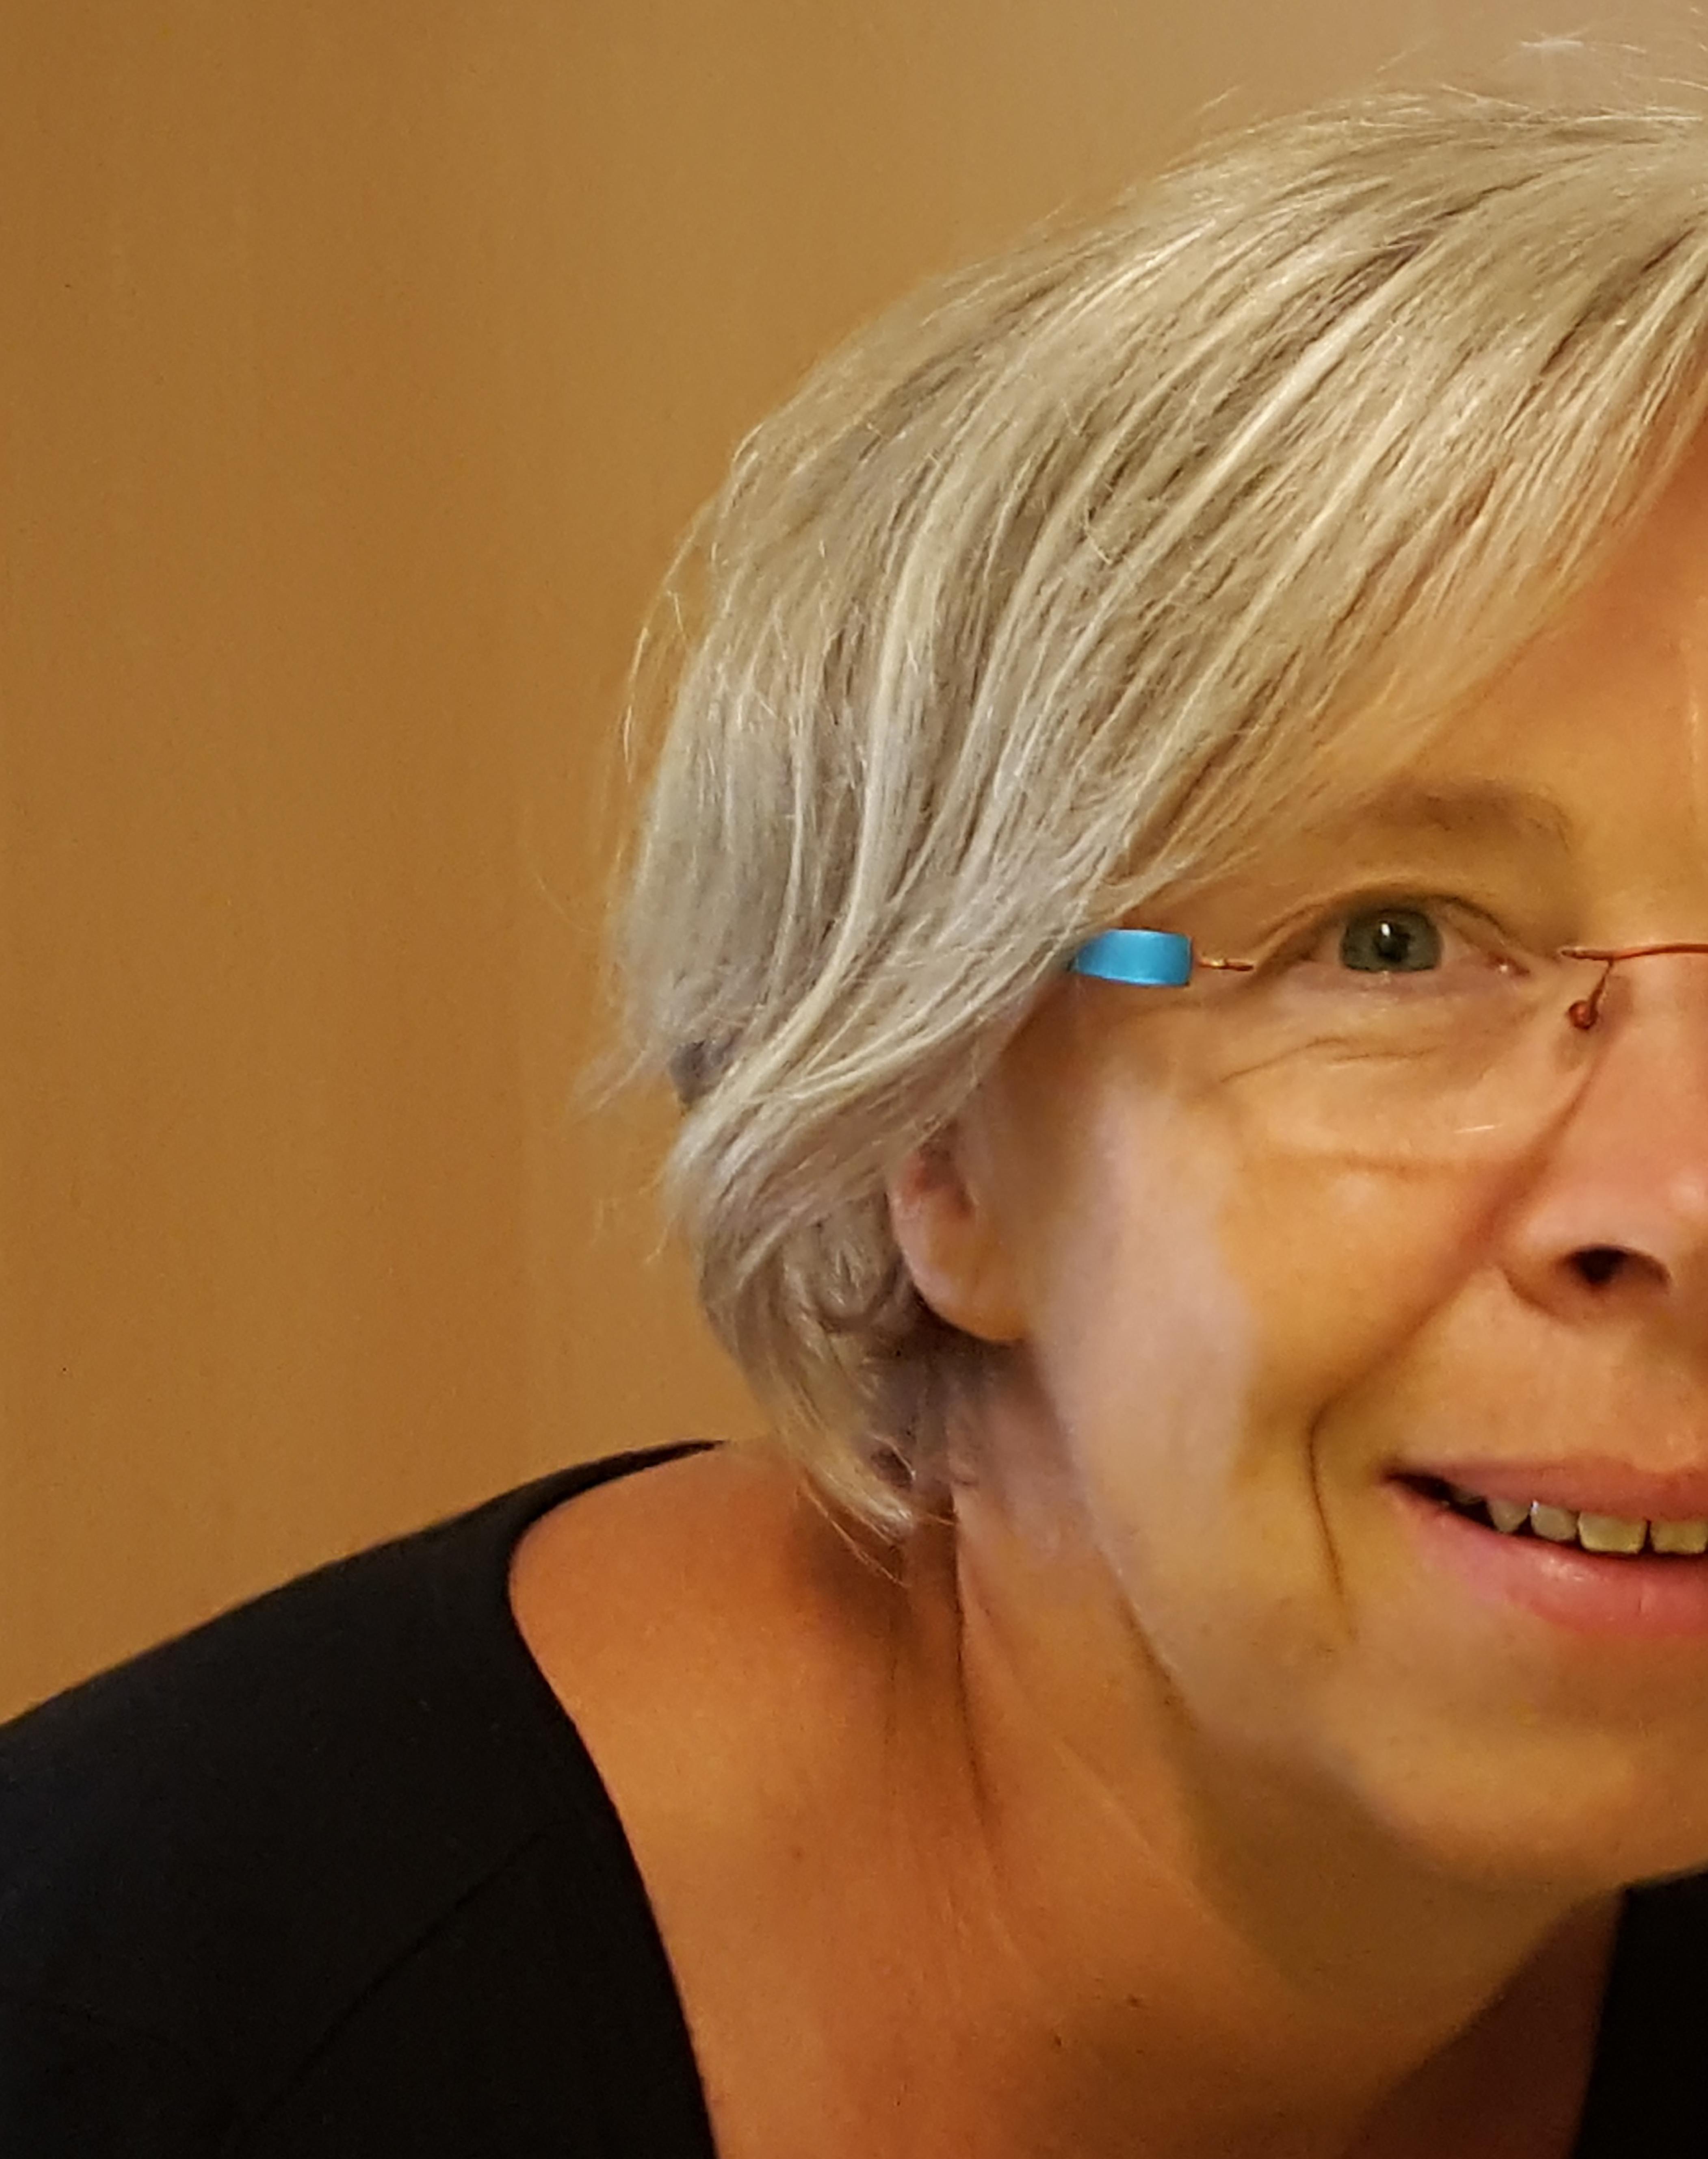 Barbara Siegert